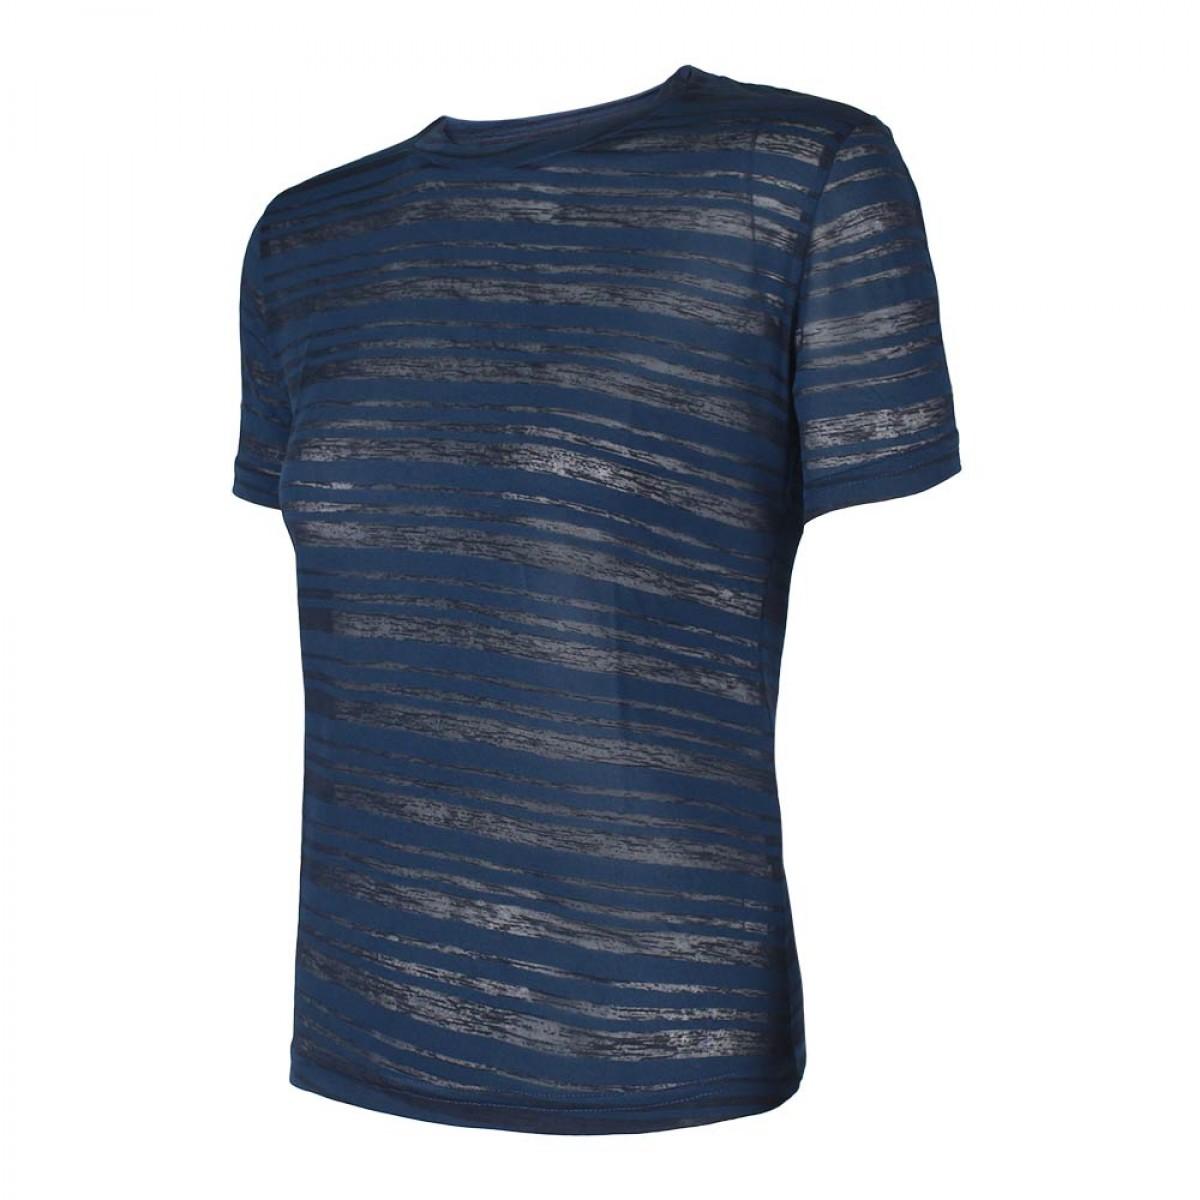 women-knitted-round-neck-t-shirt-kkrt16105-5d